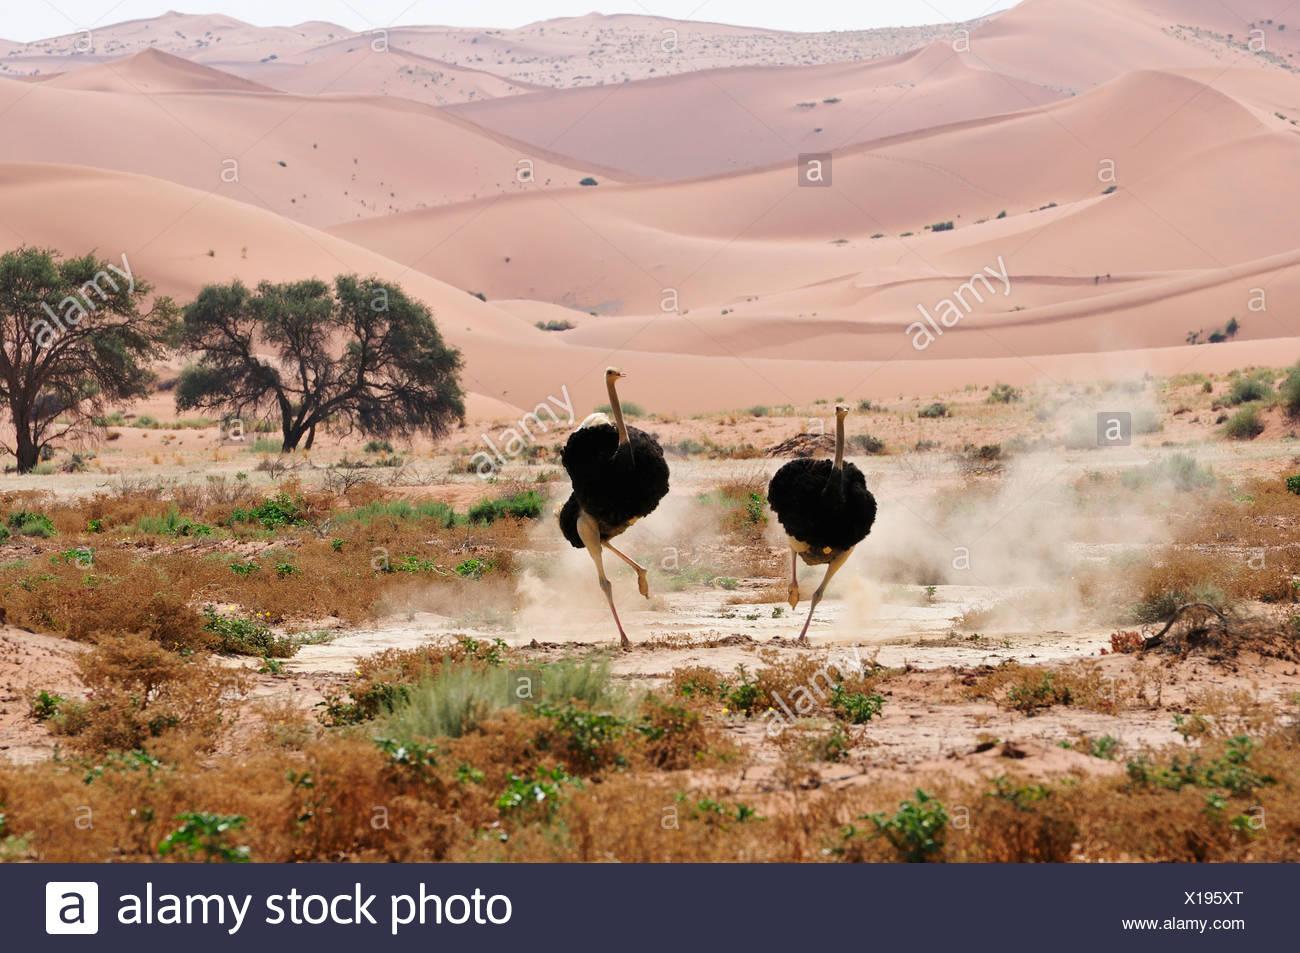 Dunes Afrique Hills Namib Naukluft Park Namibie Sossusvlei peur de charge de l'Afrique de l'exécution d'oiseaux autruche horizontale Photo Stock